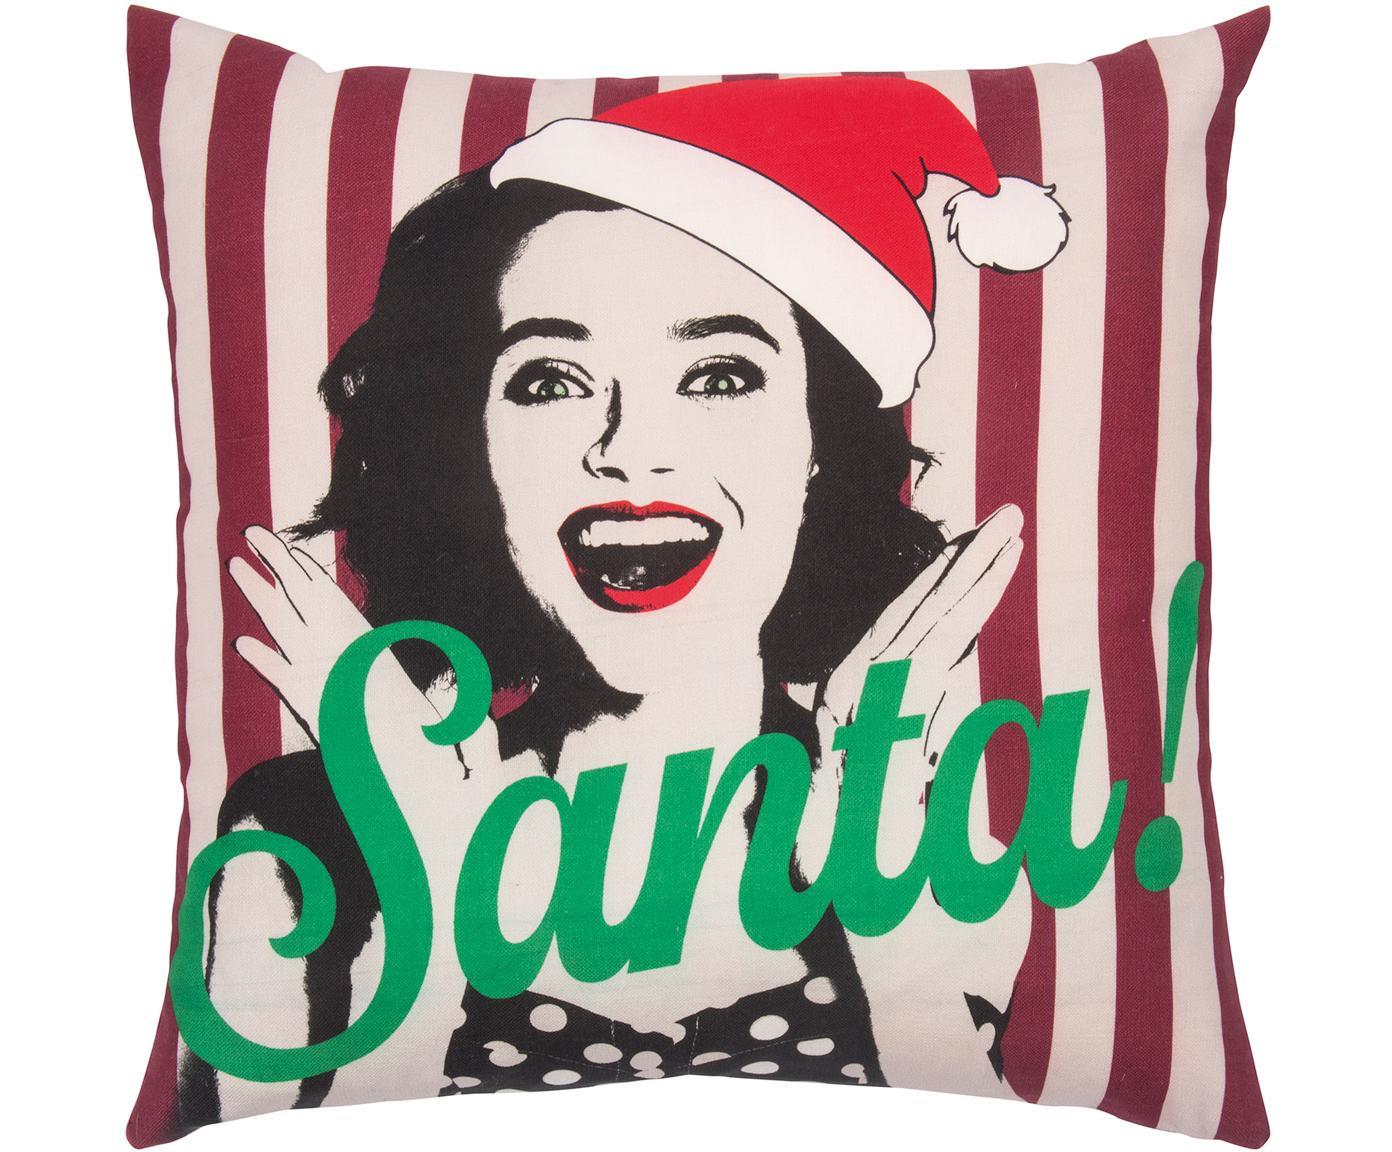 Poszewka na poduszkę Santa, Bawełna, Czerwony biały, zielony, czarny, S 45 x D 45 cm